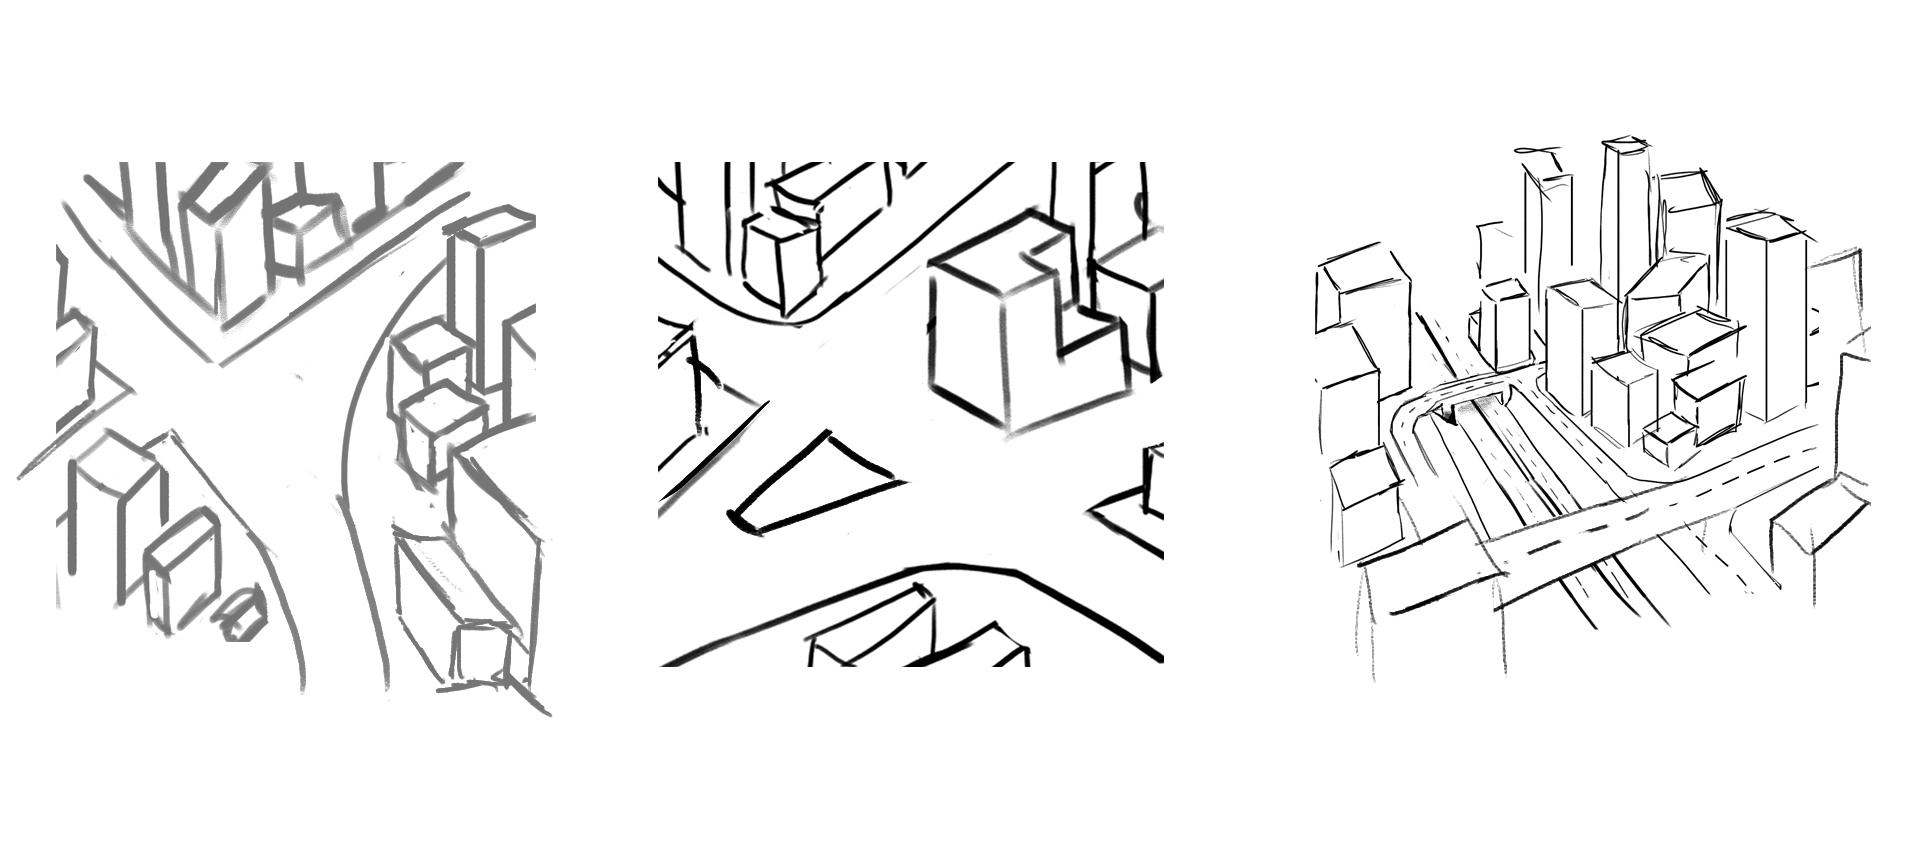 neighborhood sketches